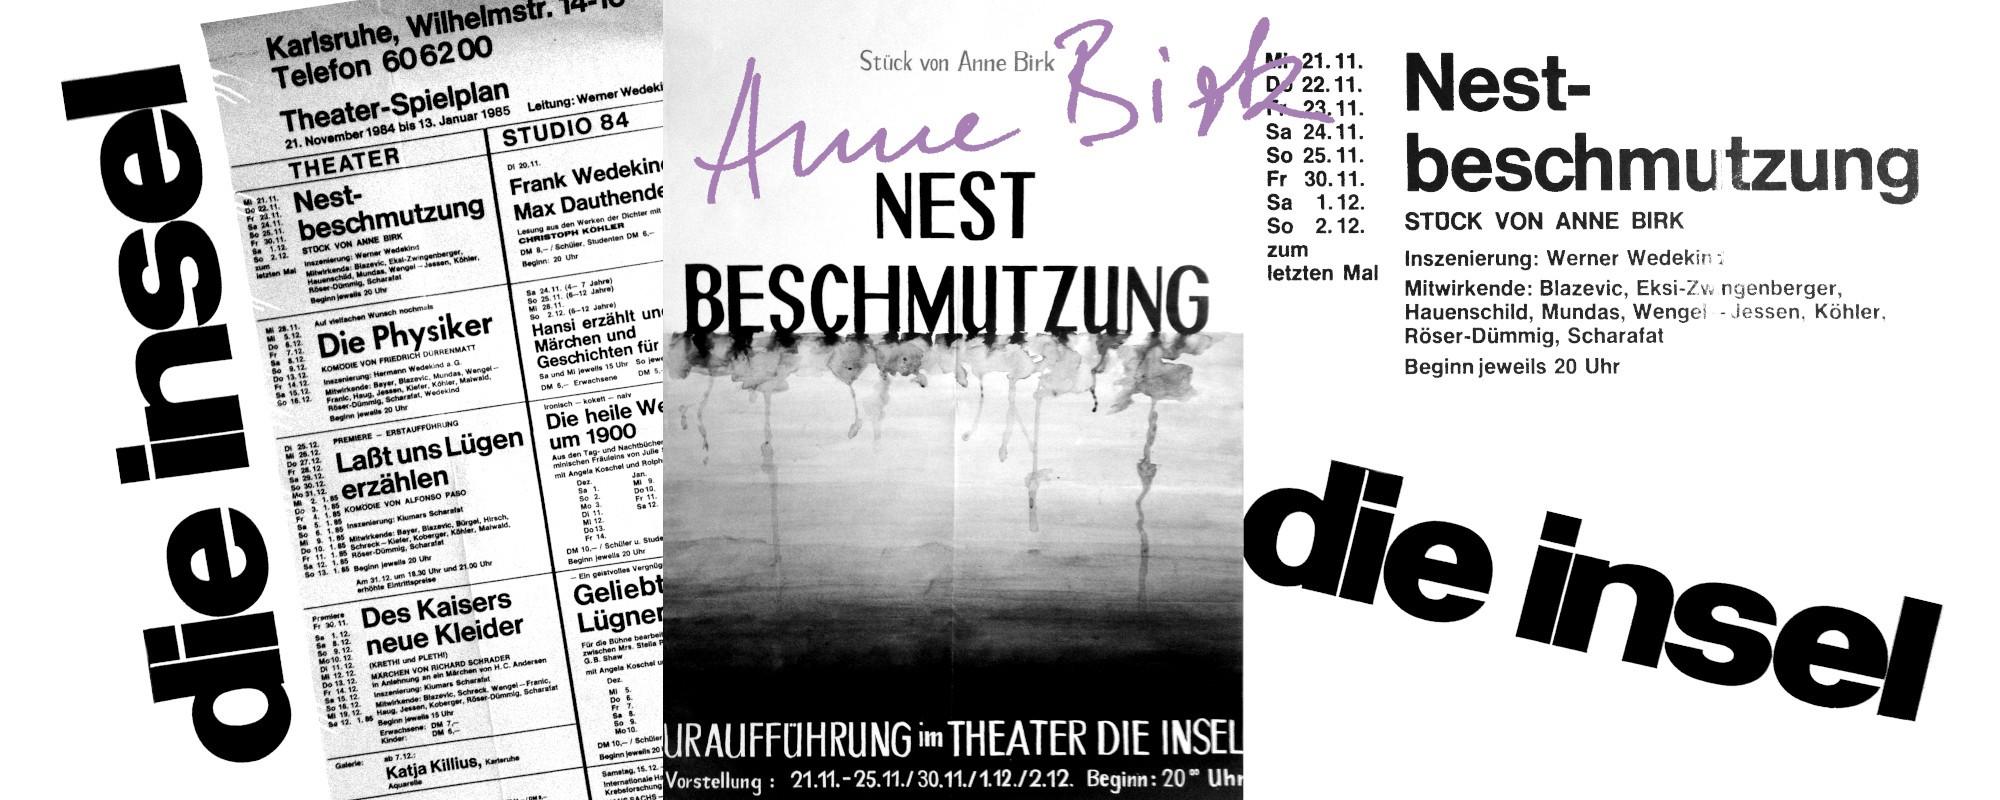 Anne-Birk-Theater-Drama-Nestbeschmutzung-Urauffuehrung-Karlsruhe-Die-Insel